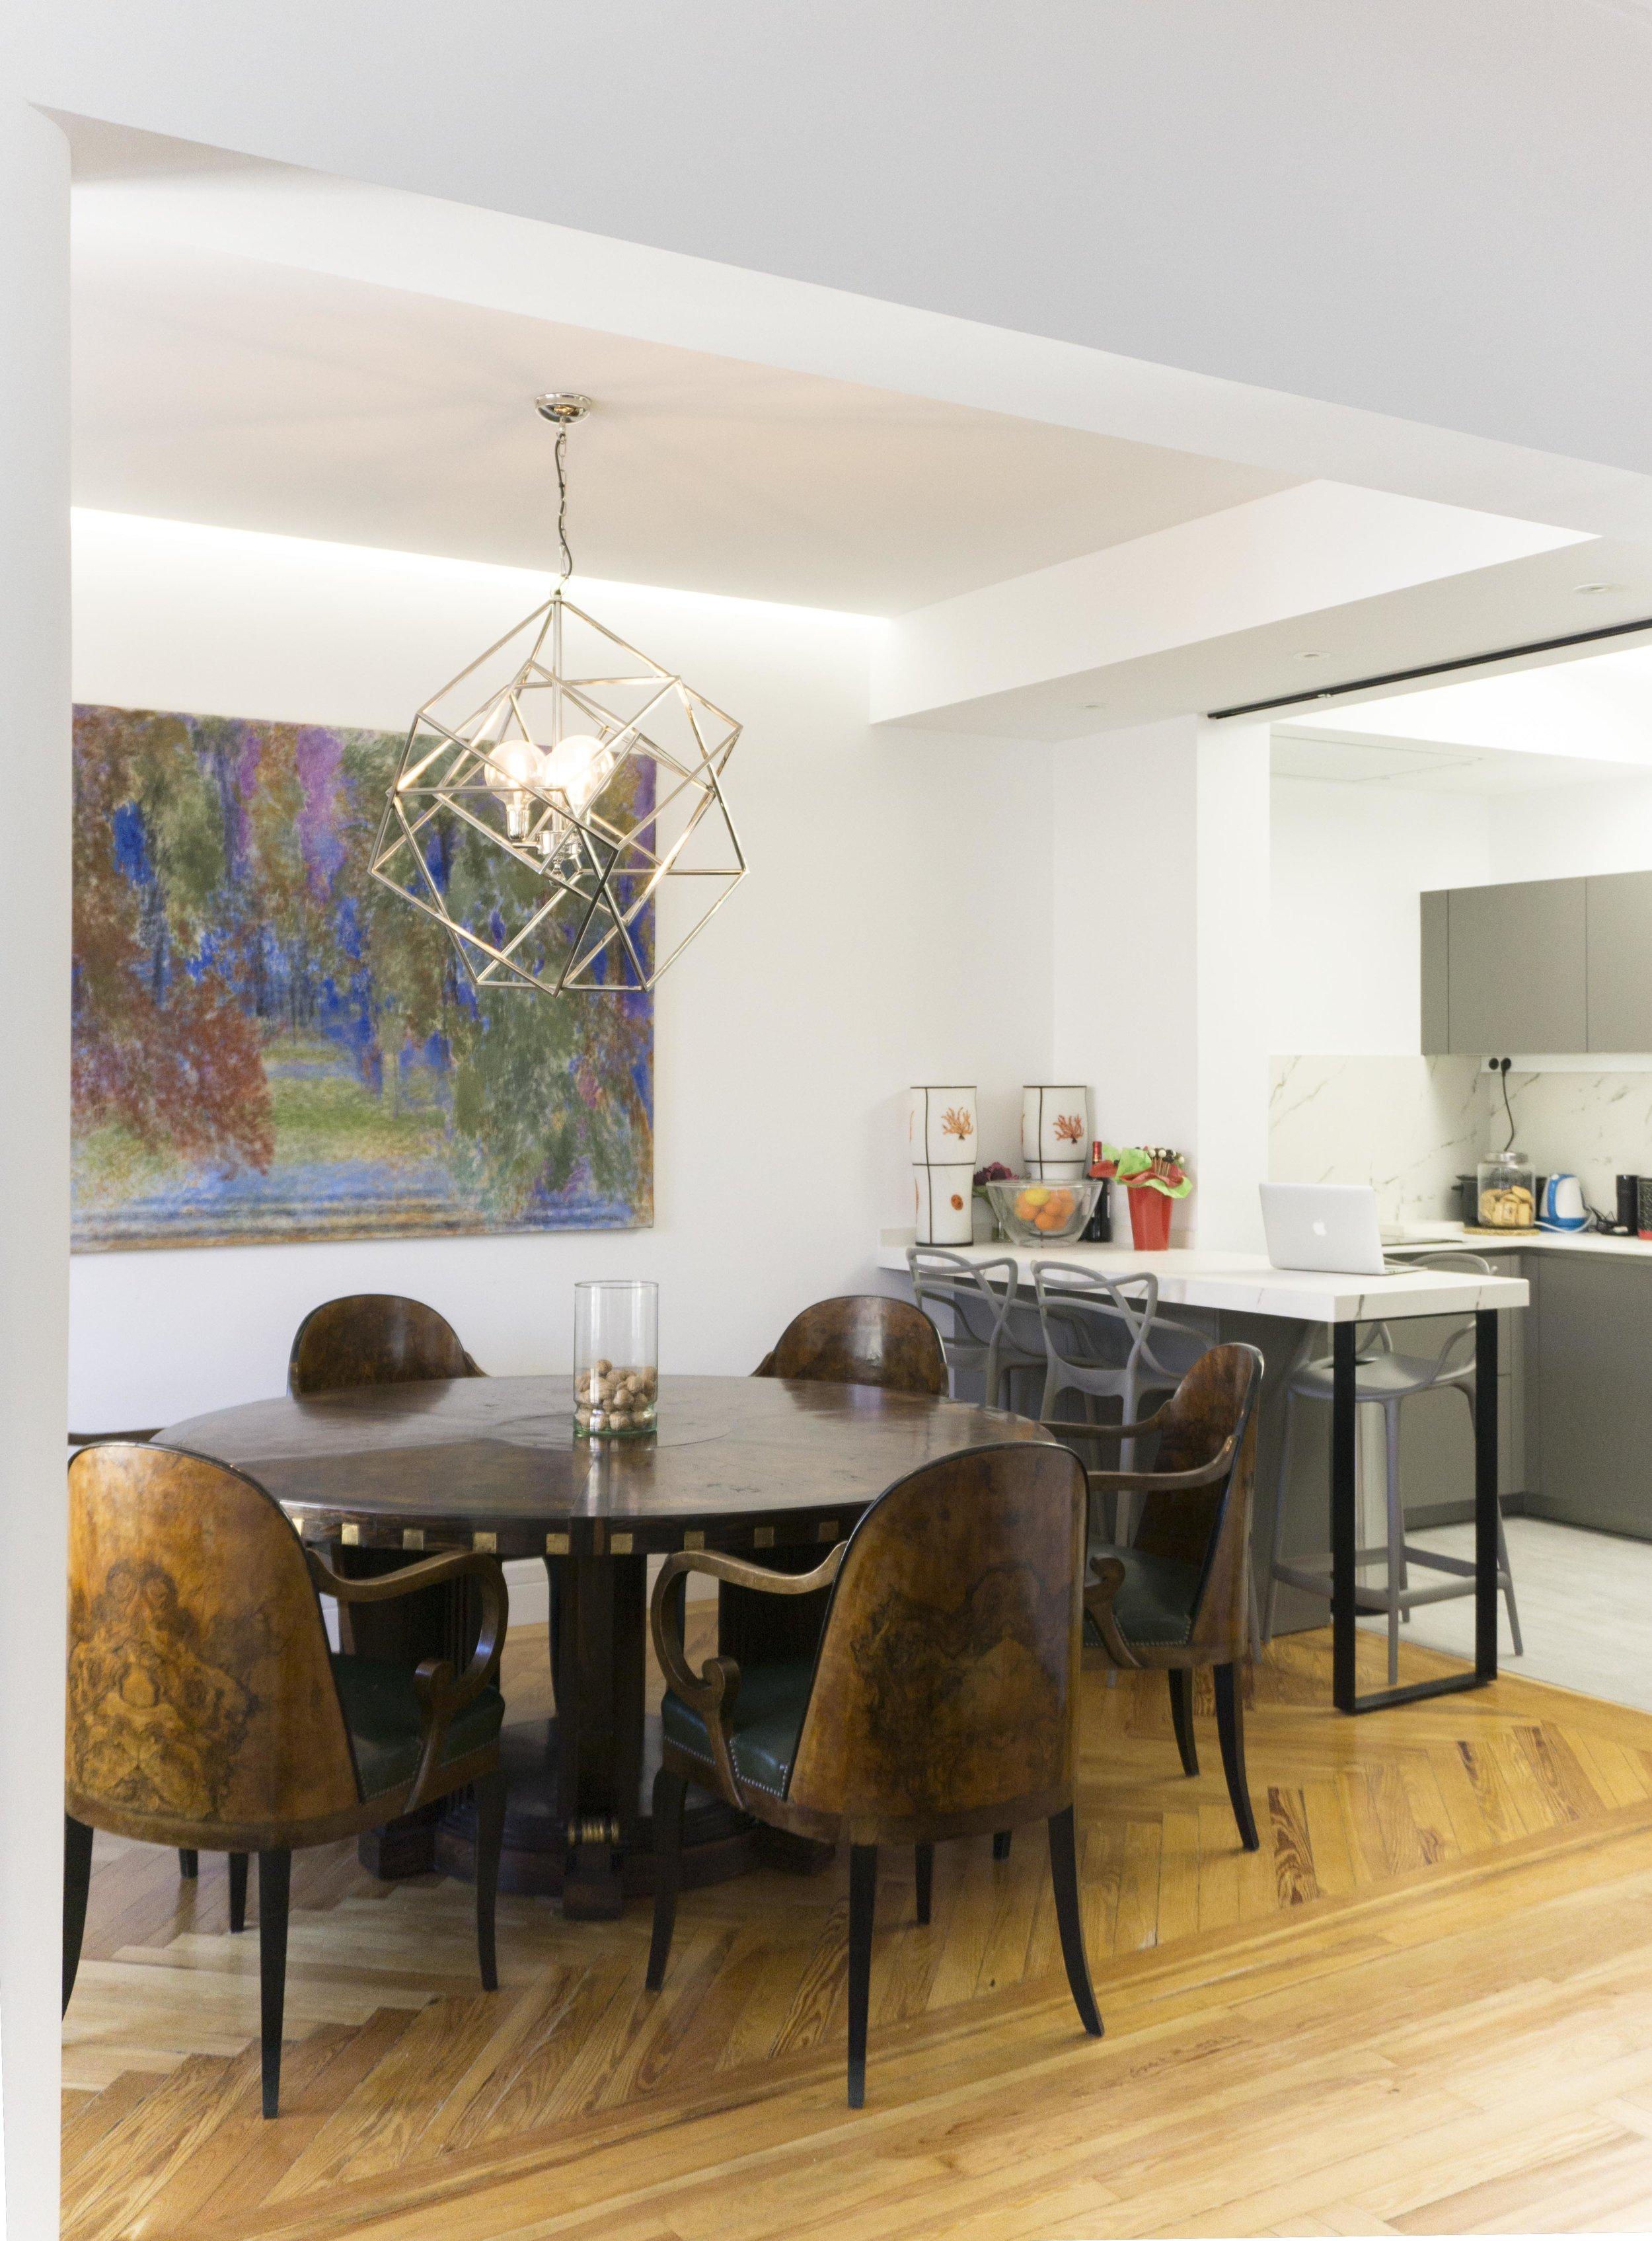 diseño reformas slow emmme studio 04 comedor cocina vivienda Ayala SM.jpg